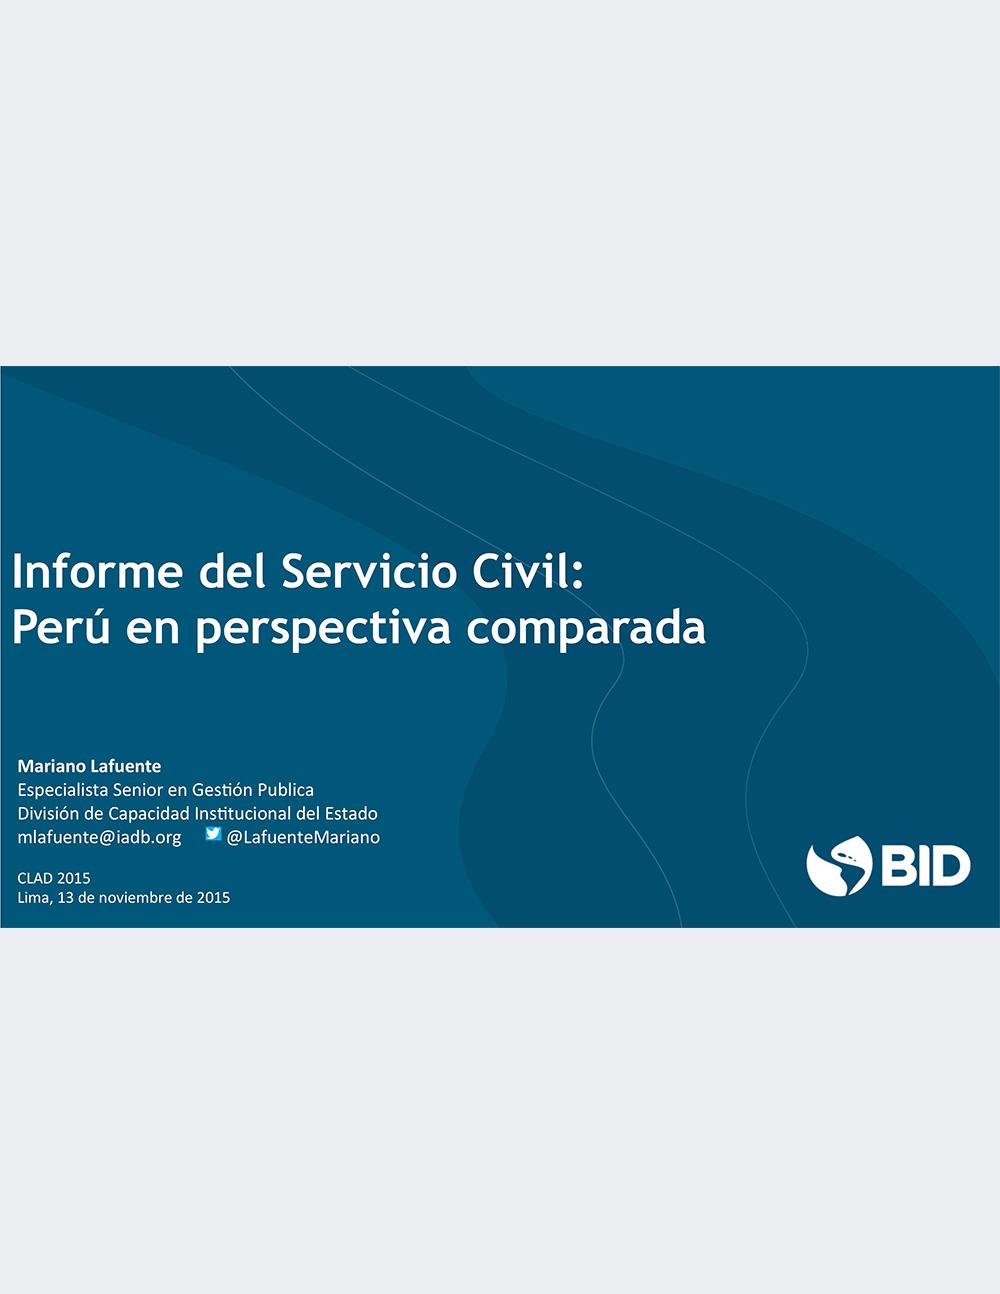 Informe del Servicio Civil: Perú en Perspectiva Comparada